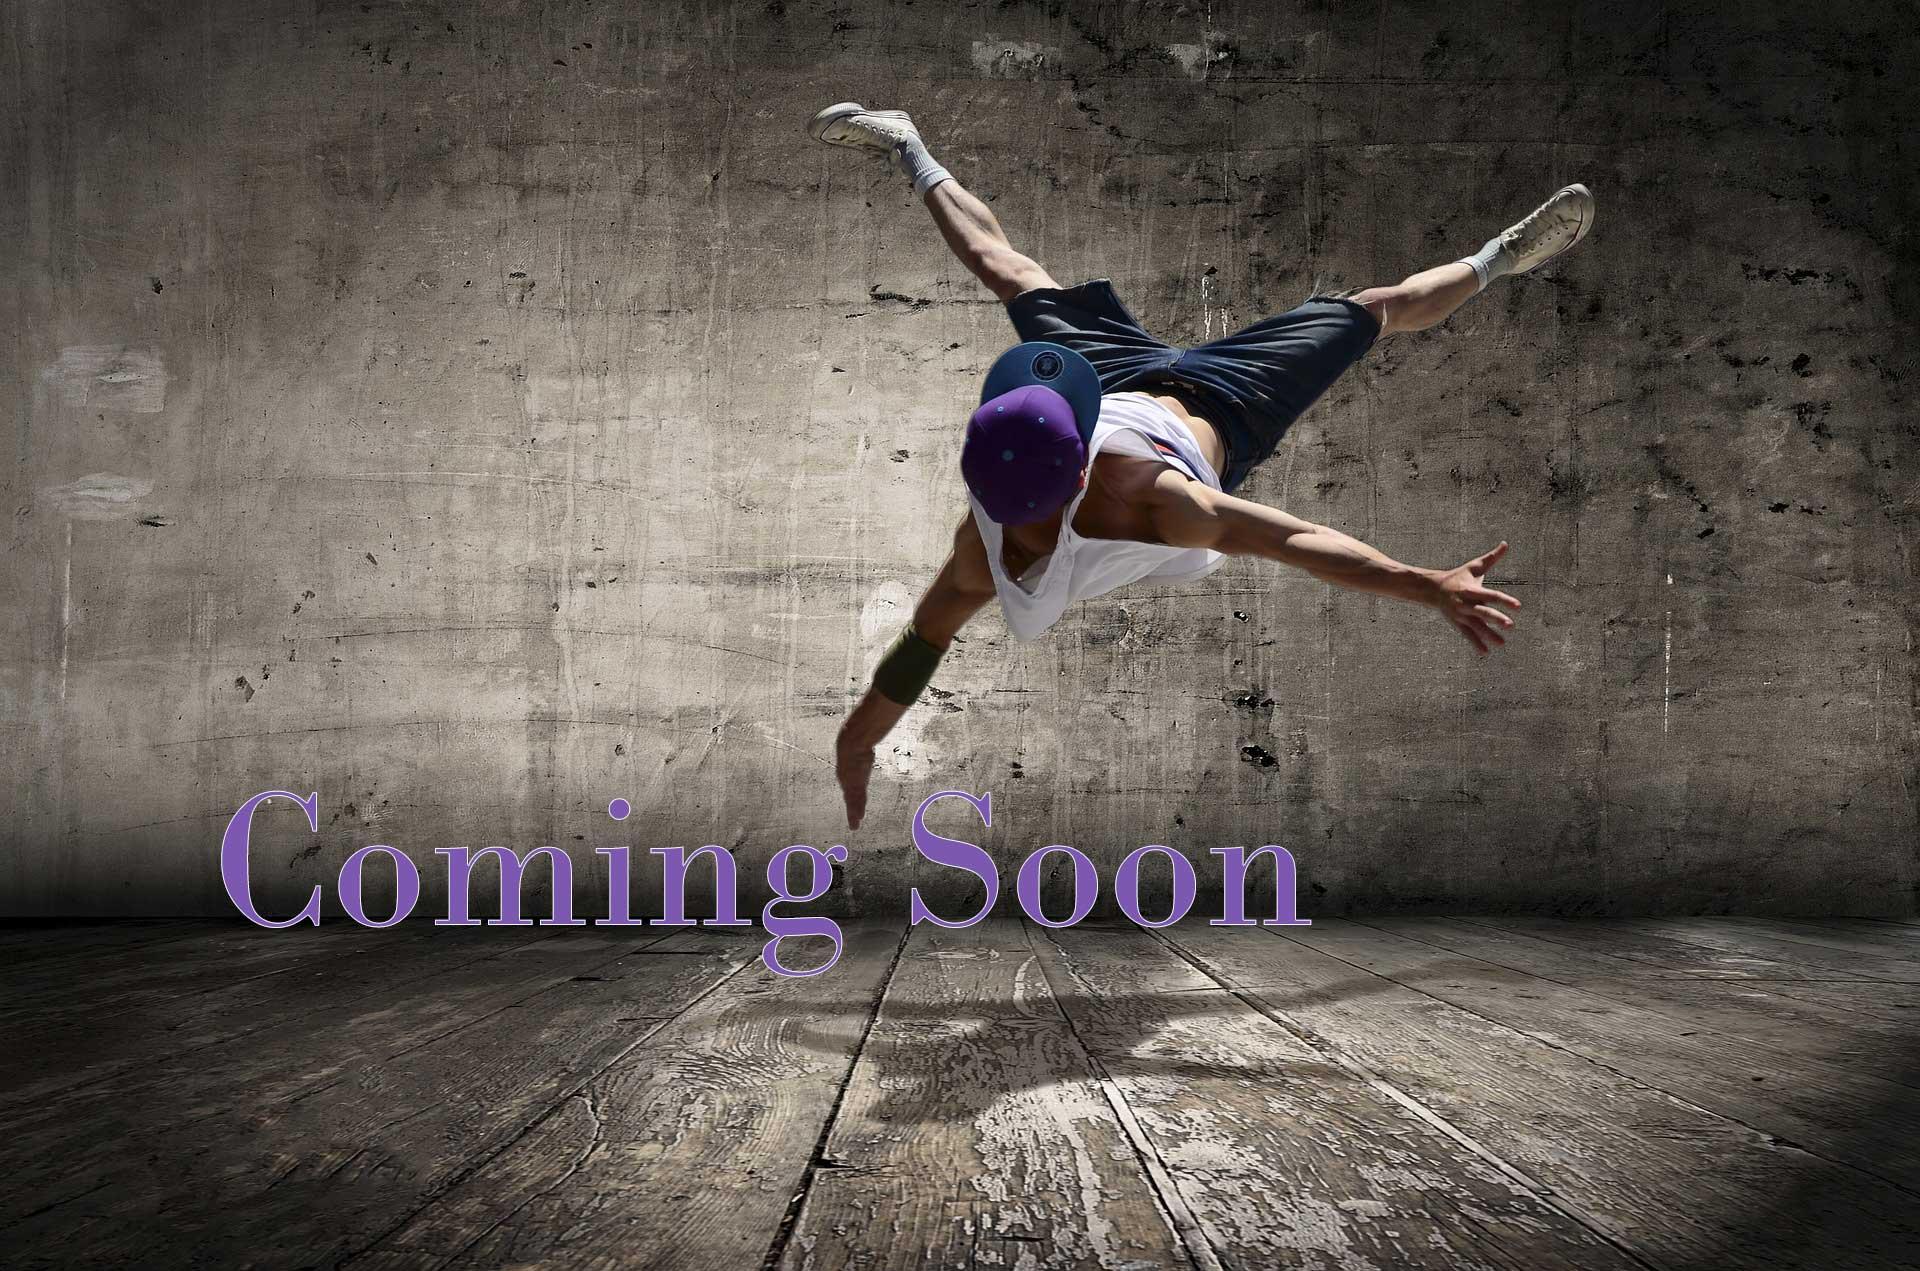 STAZ Media Coming Soon